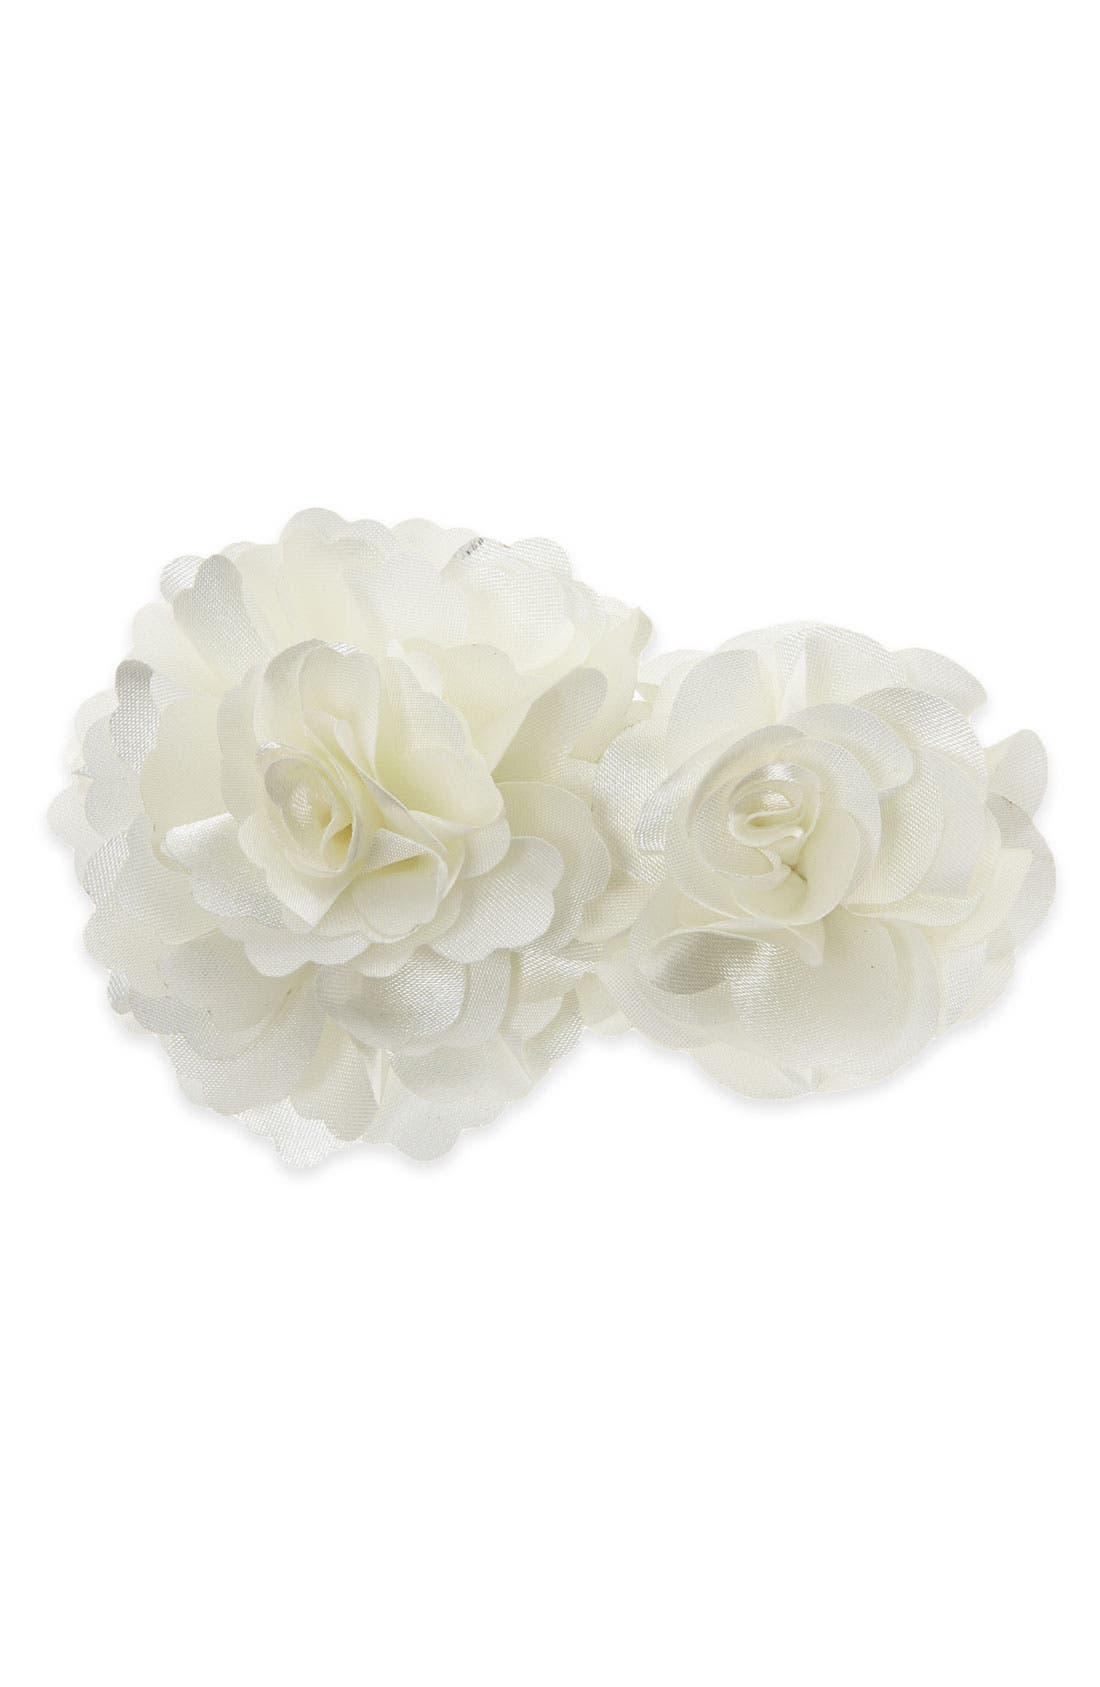 Main Image - Tasha 'Double Flower' Hair Clip